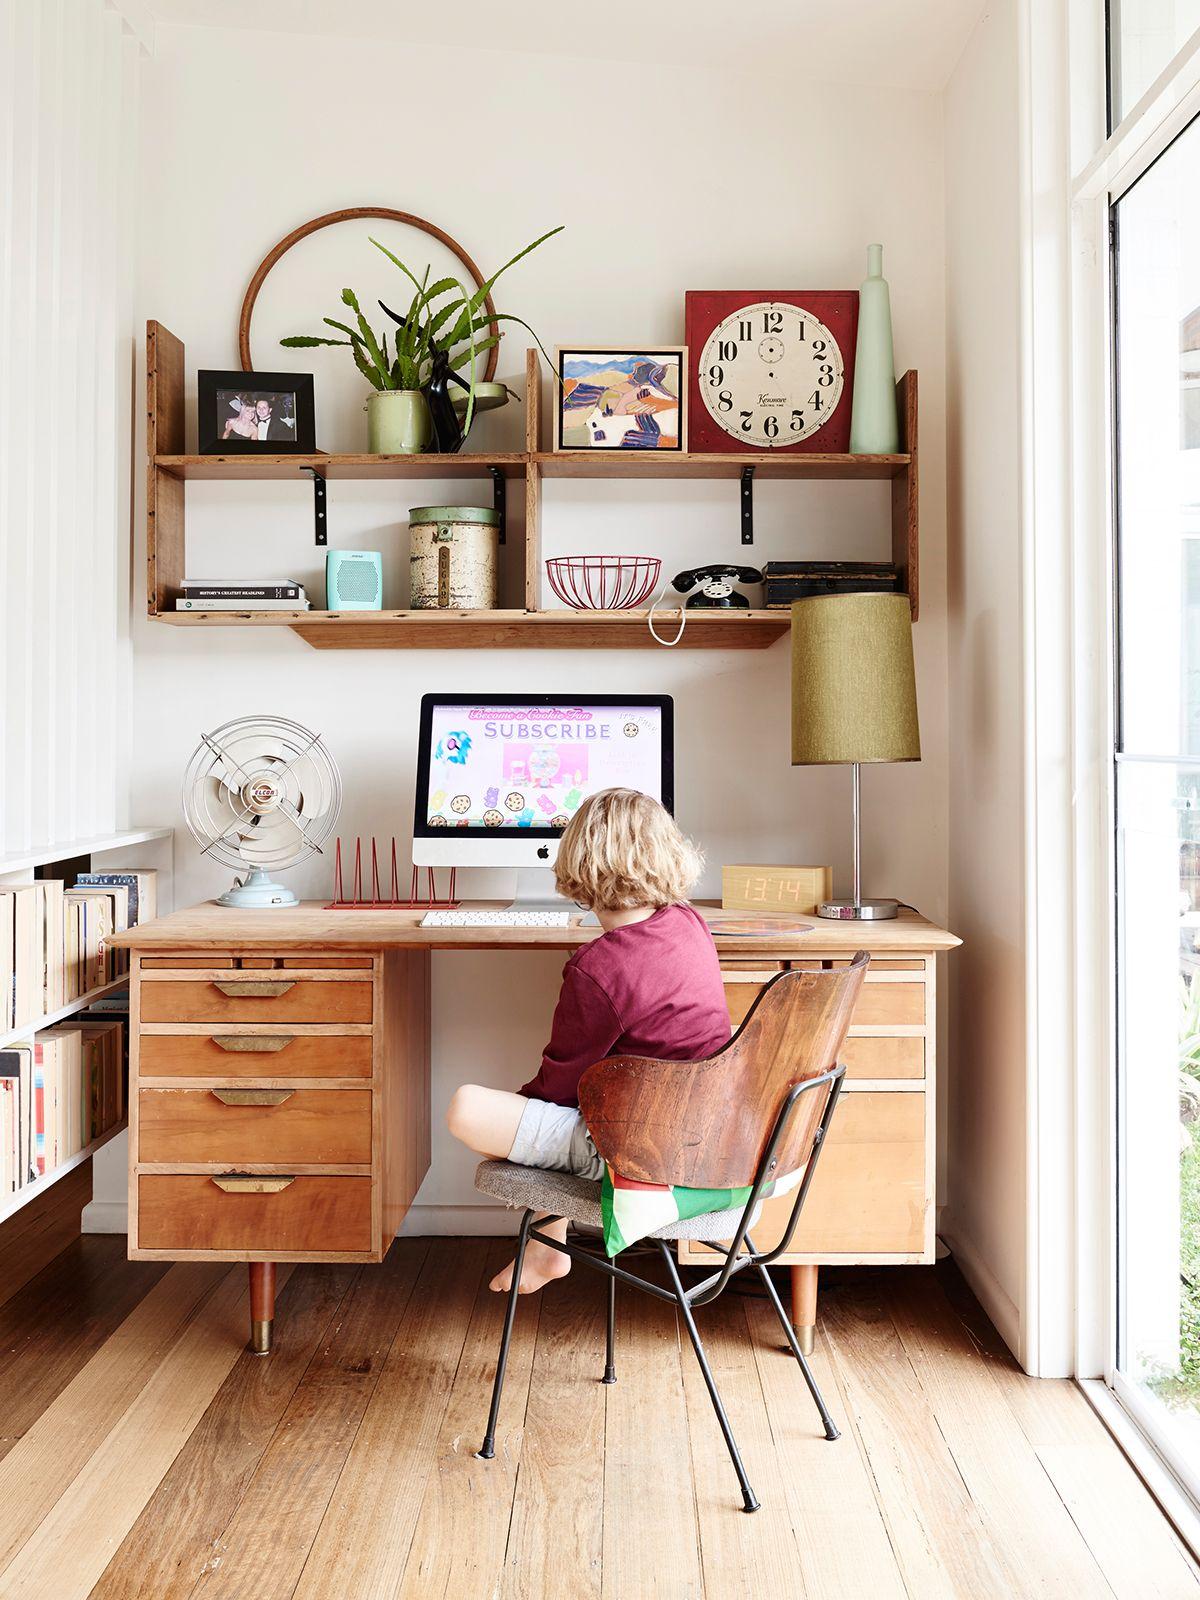 Decoraci N De Casas Casa De Dise O Mid Century Con Muebles Vintage # Casa Nunez Muebles De Jardin